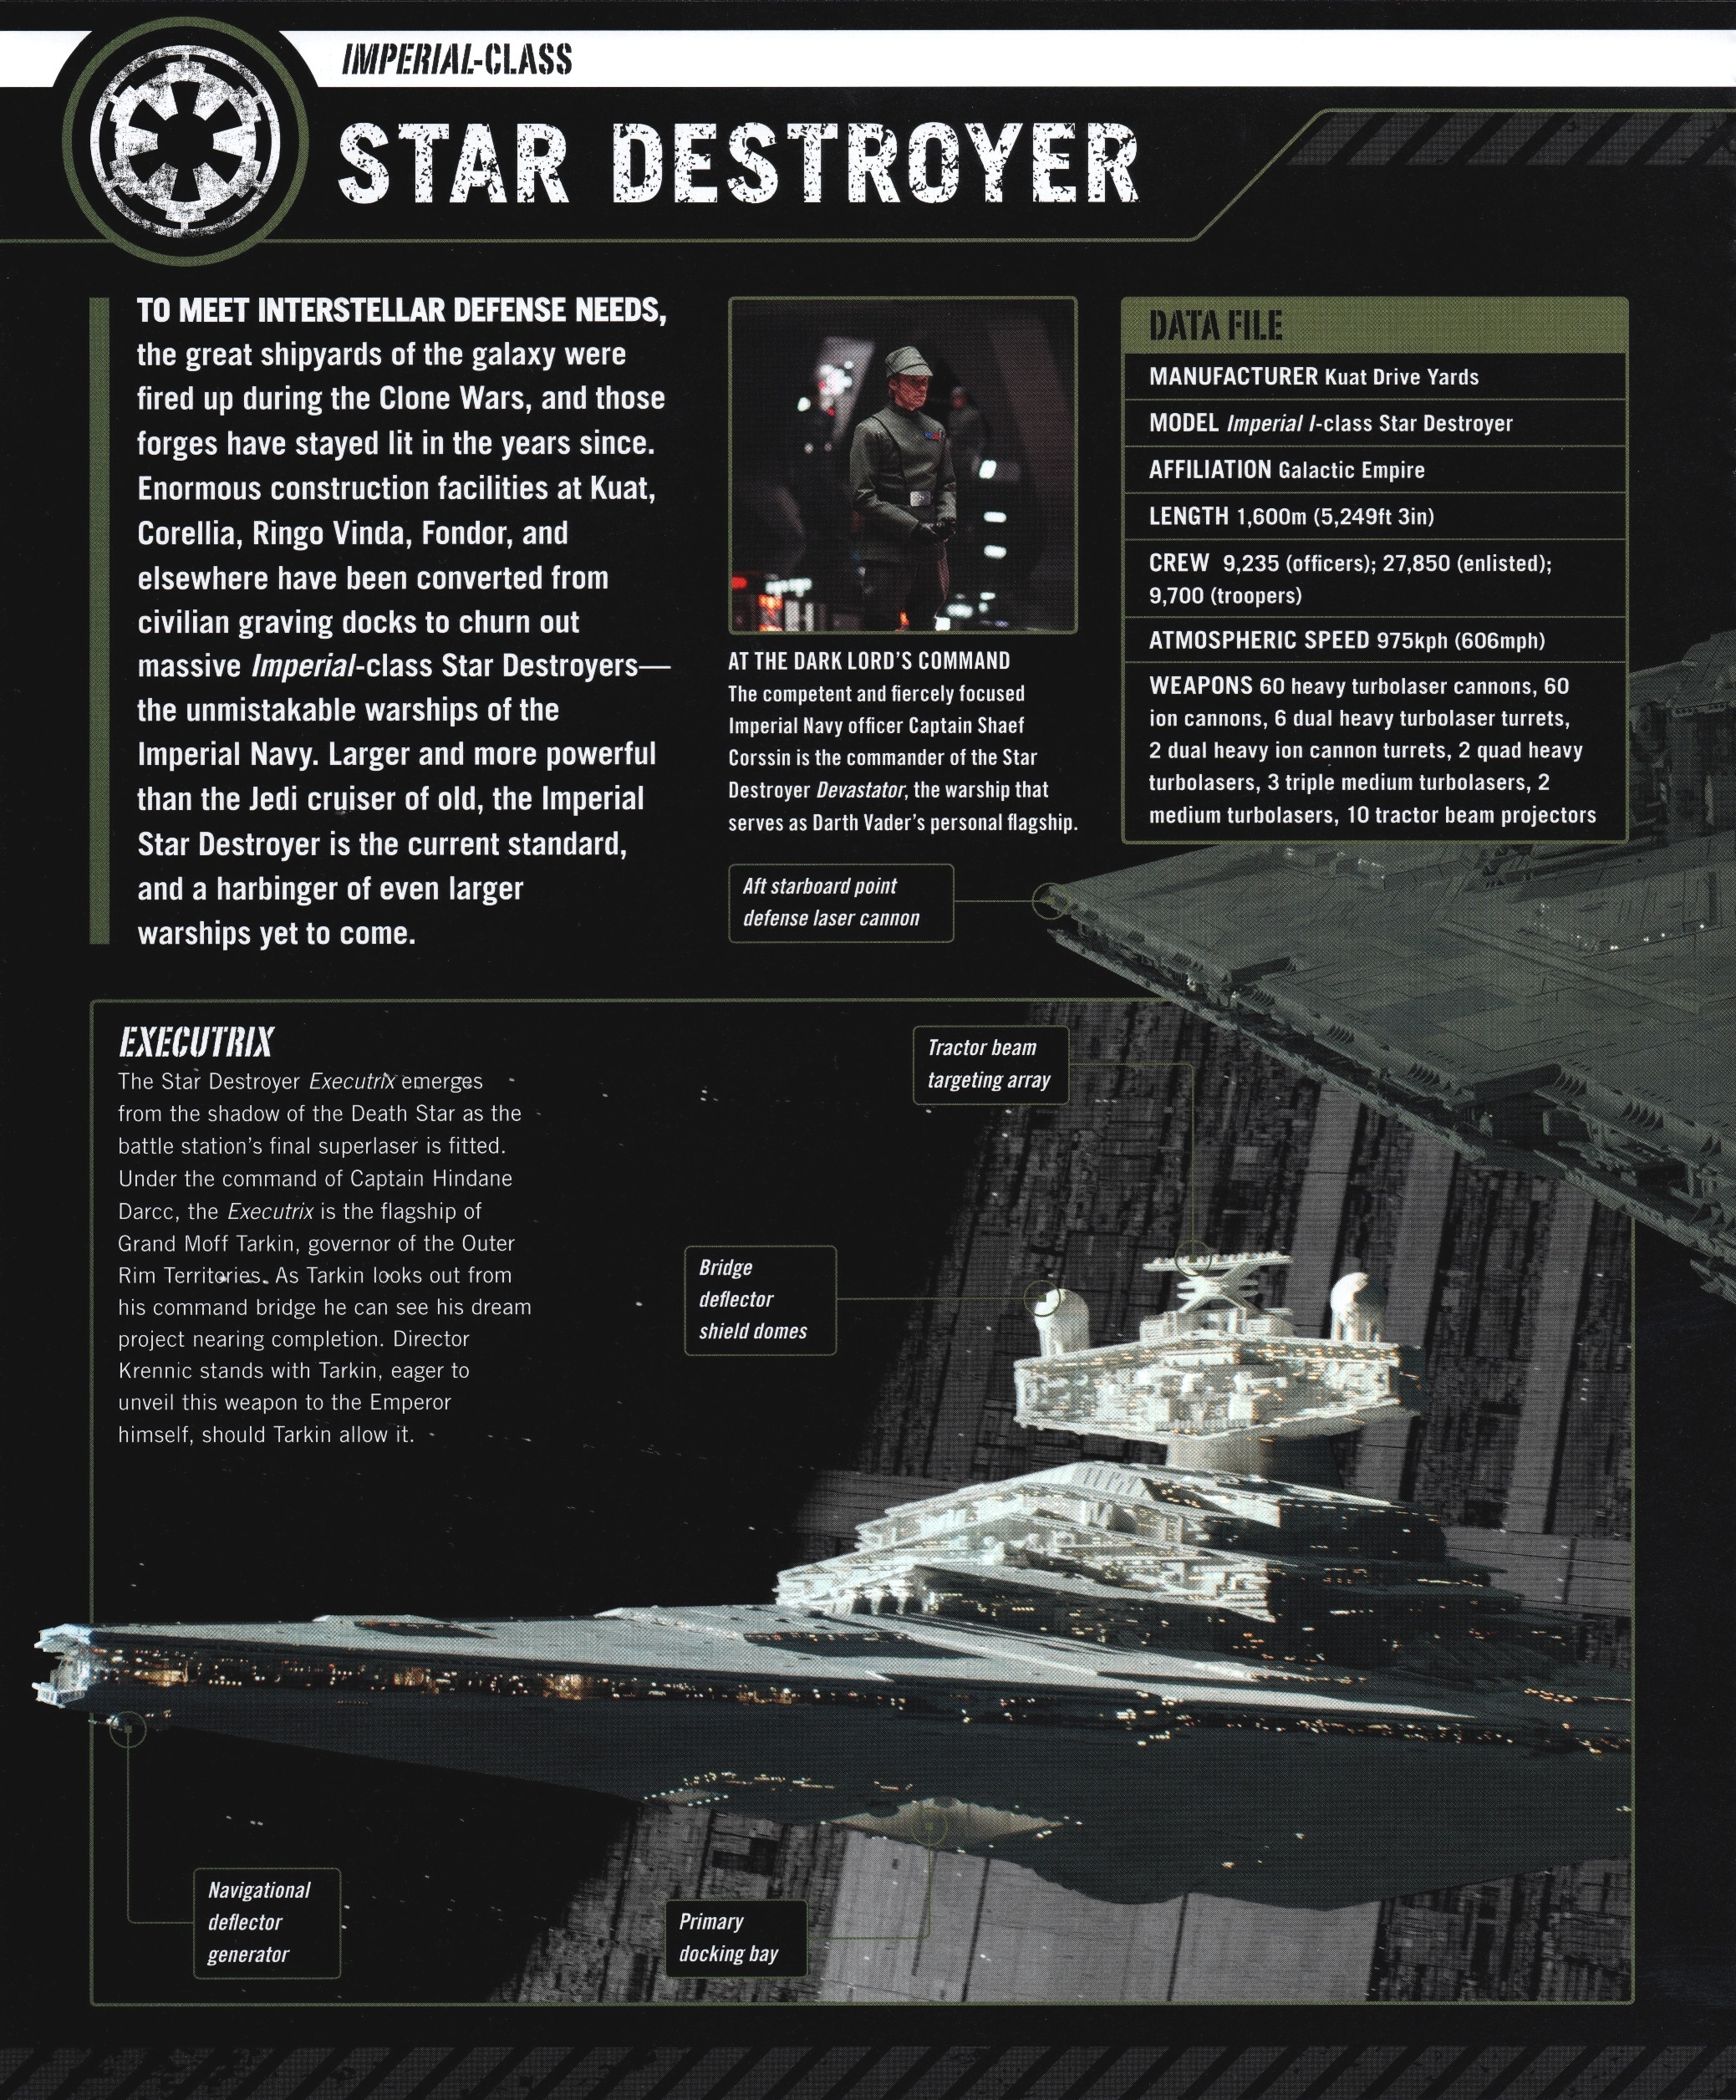 Star New Wars Jedi Order P 1980